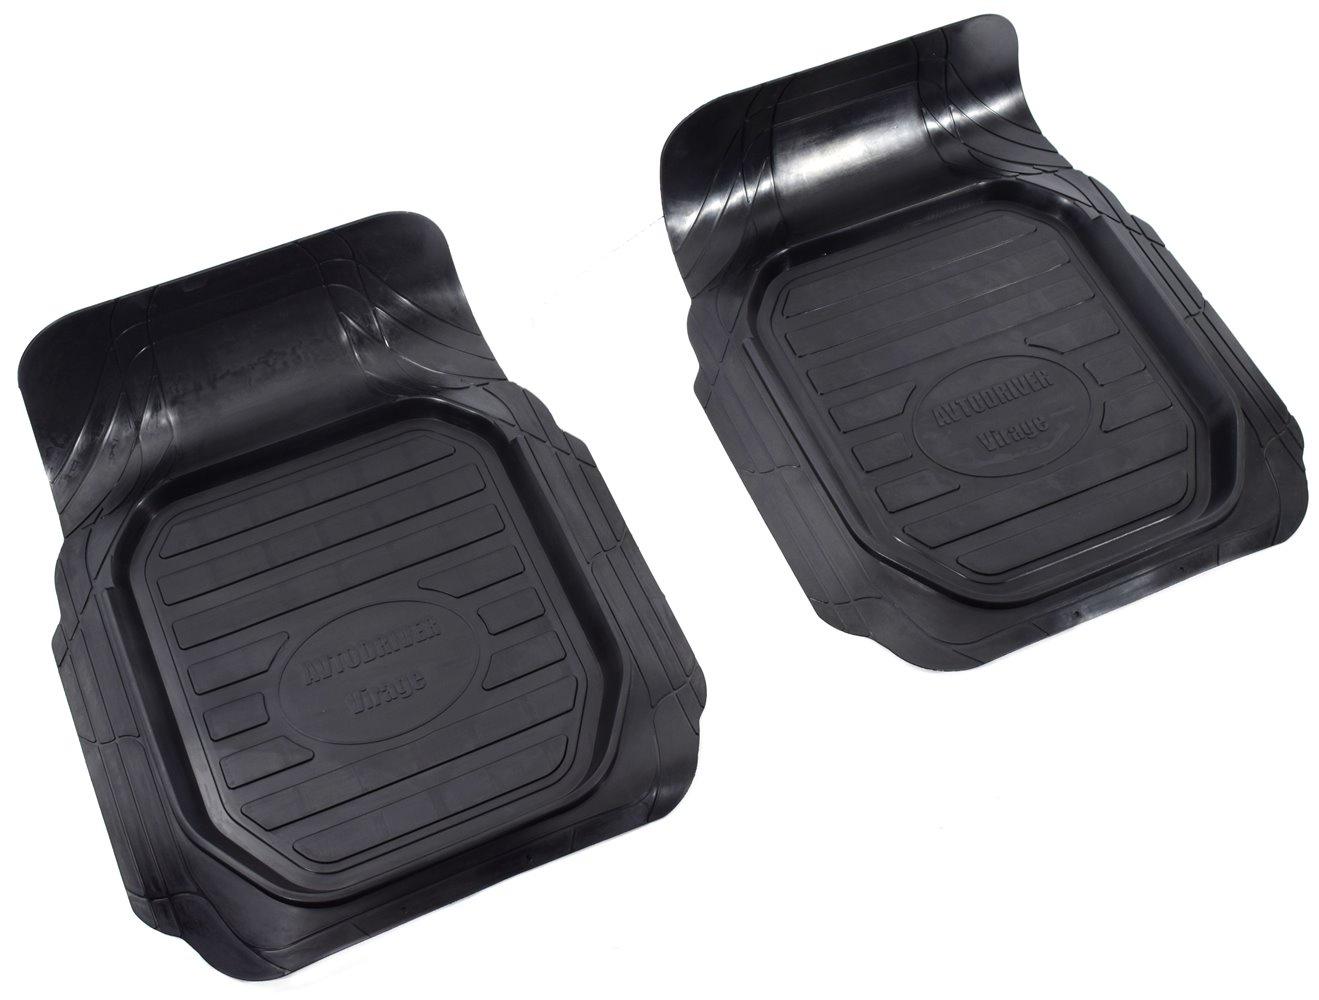 Коврики в салон автомобиля Avtodriver Вираж, универсальные, 2 передних, ADRU005, резиновые, с бортиком, черный